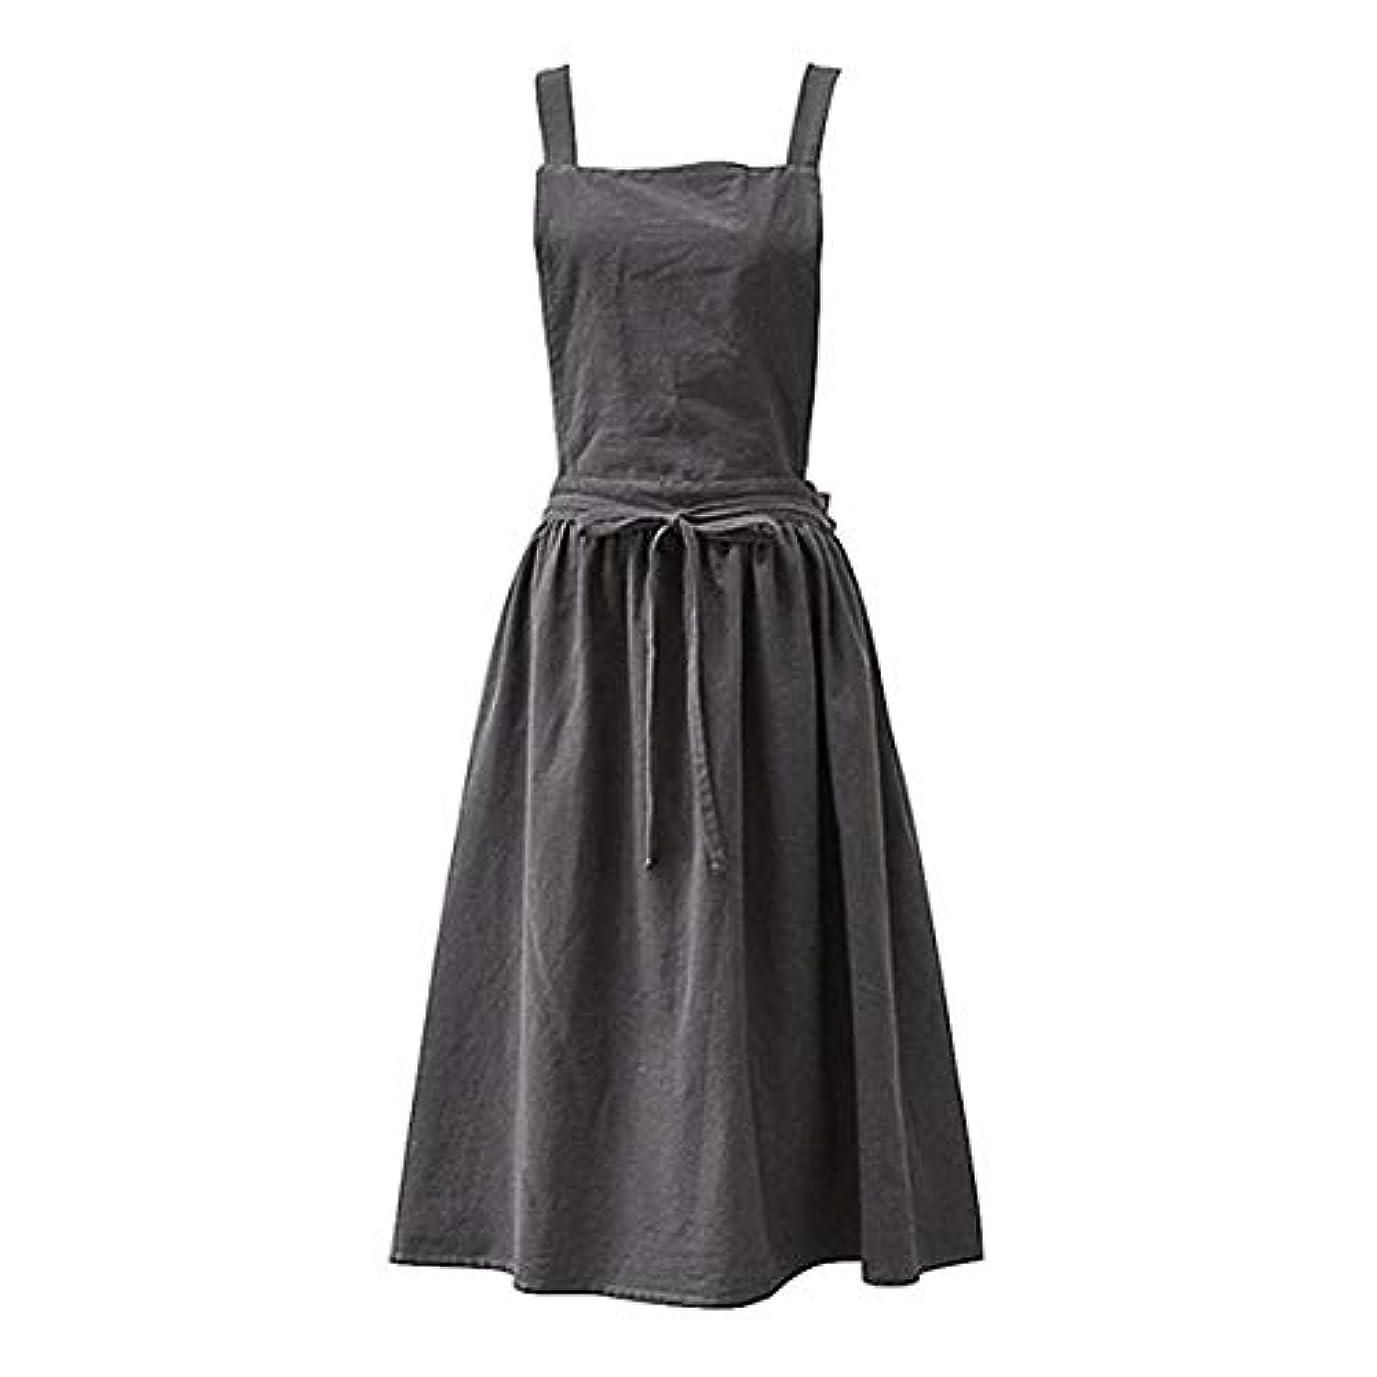 有力者販売員外部Aprons for the Kitchen Simple Washed Cotton Uniform Aprons for Woman Kitchen apron Cooking Coffee Shop apron for women Charcoal grey